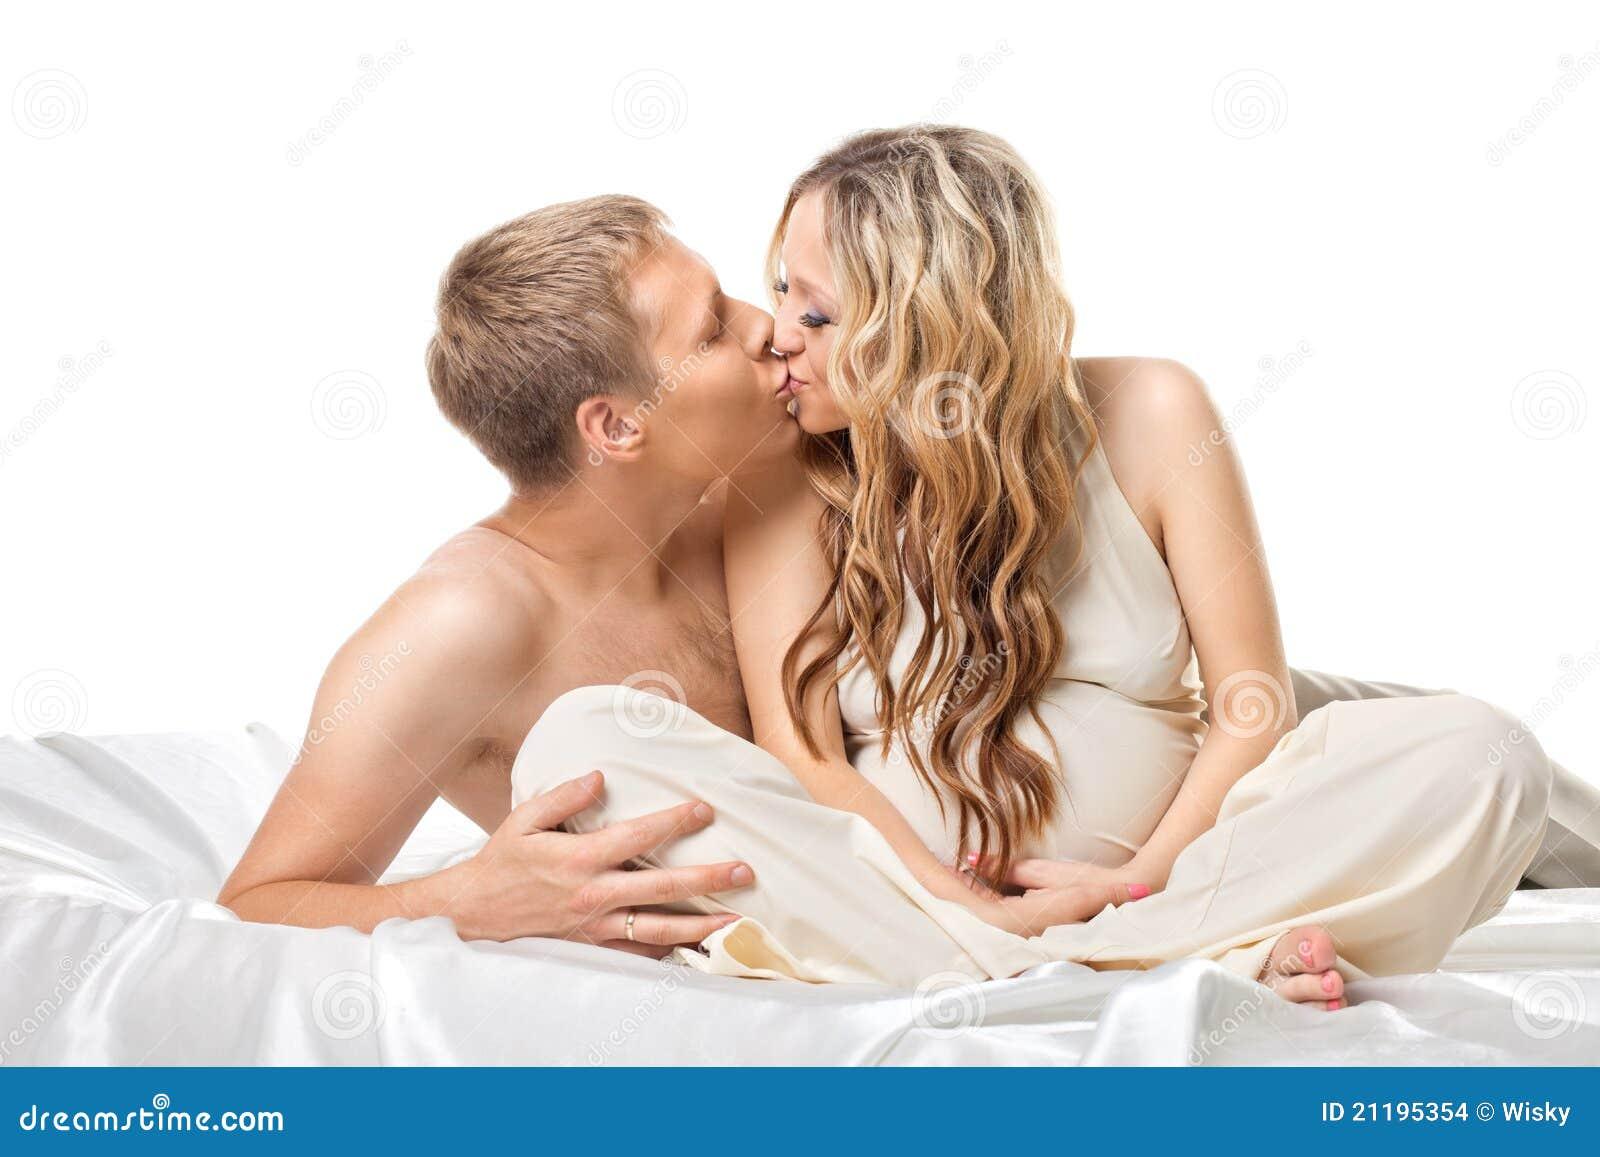 Секс на седьмом месяце беременности 1 фотография